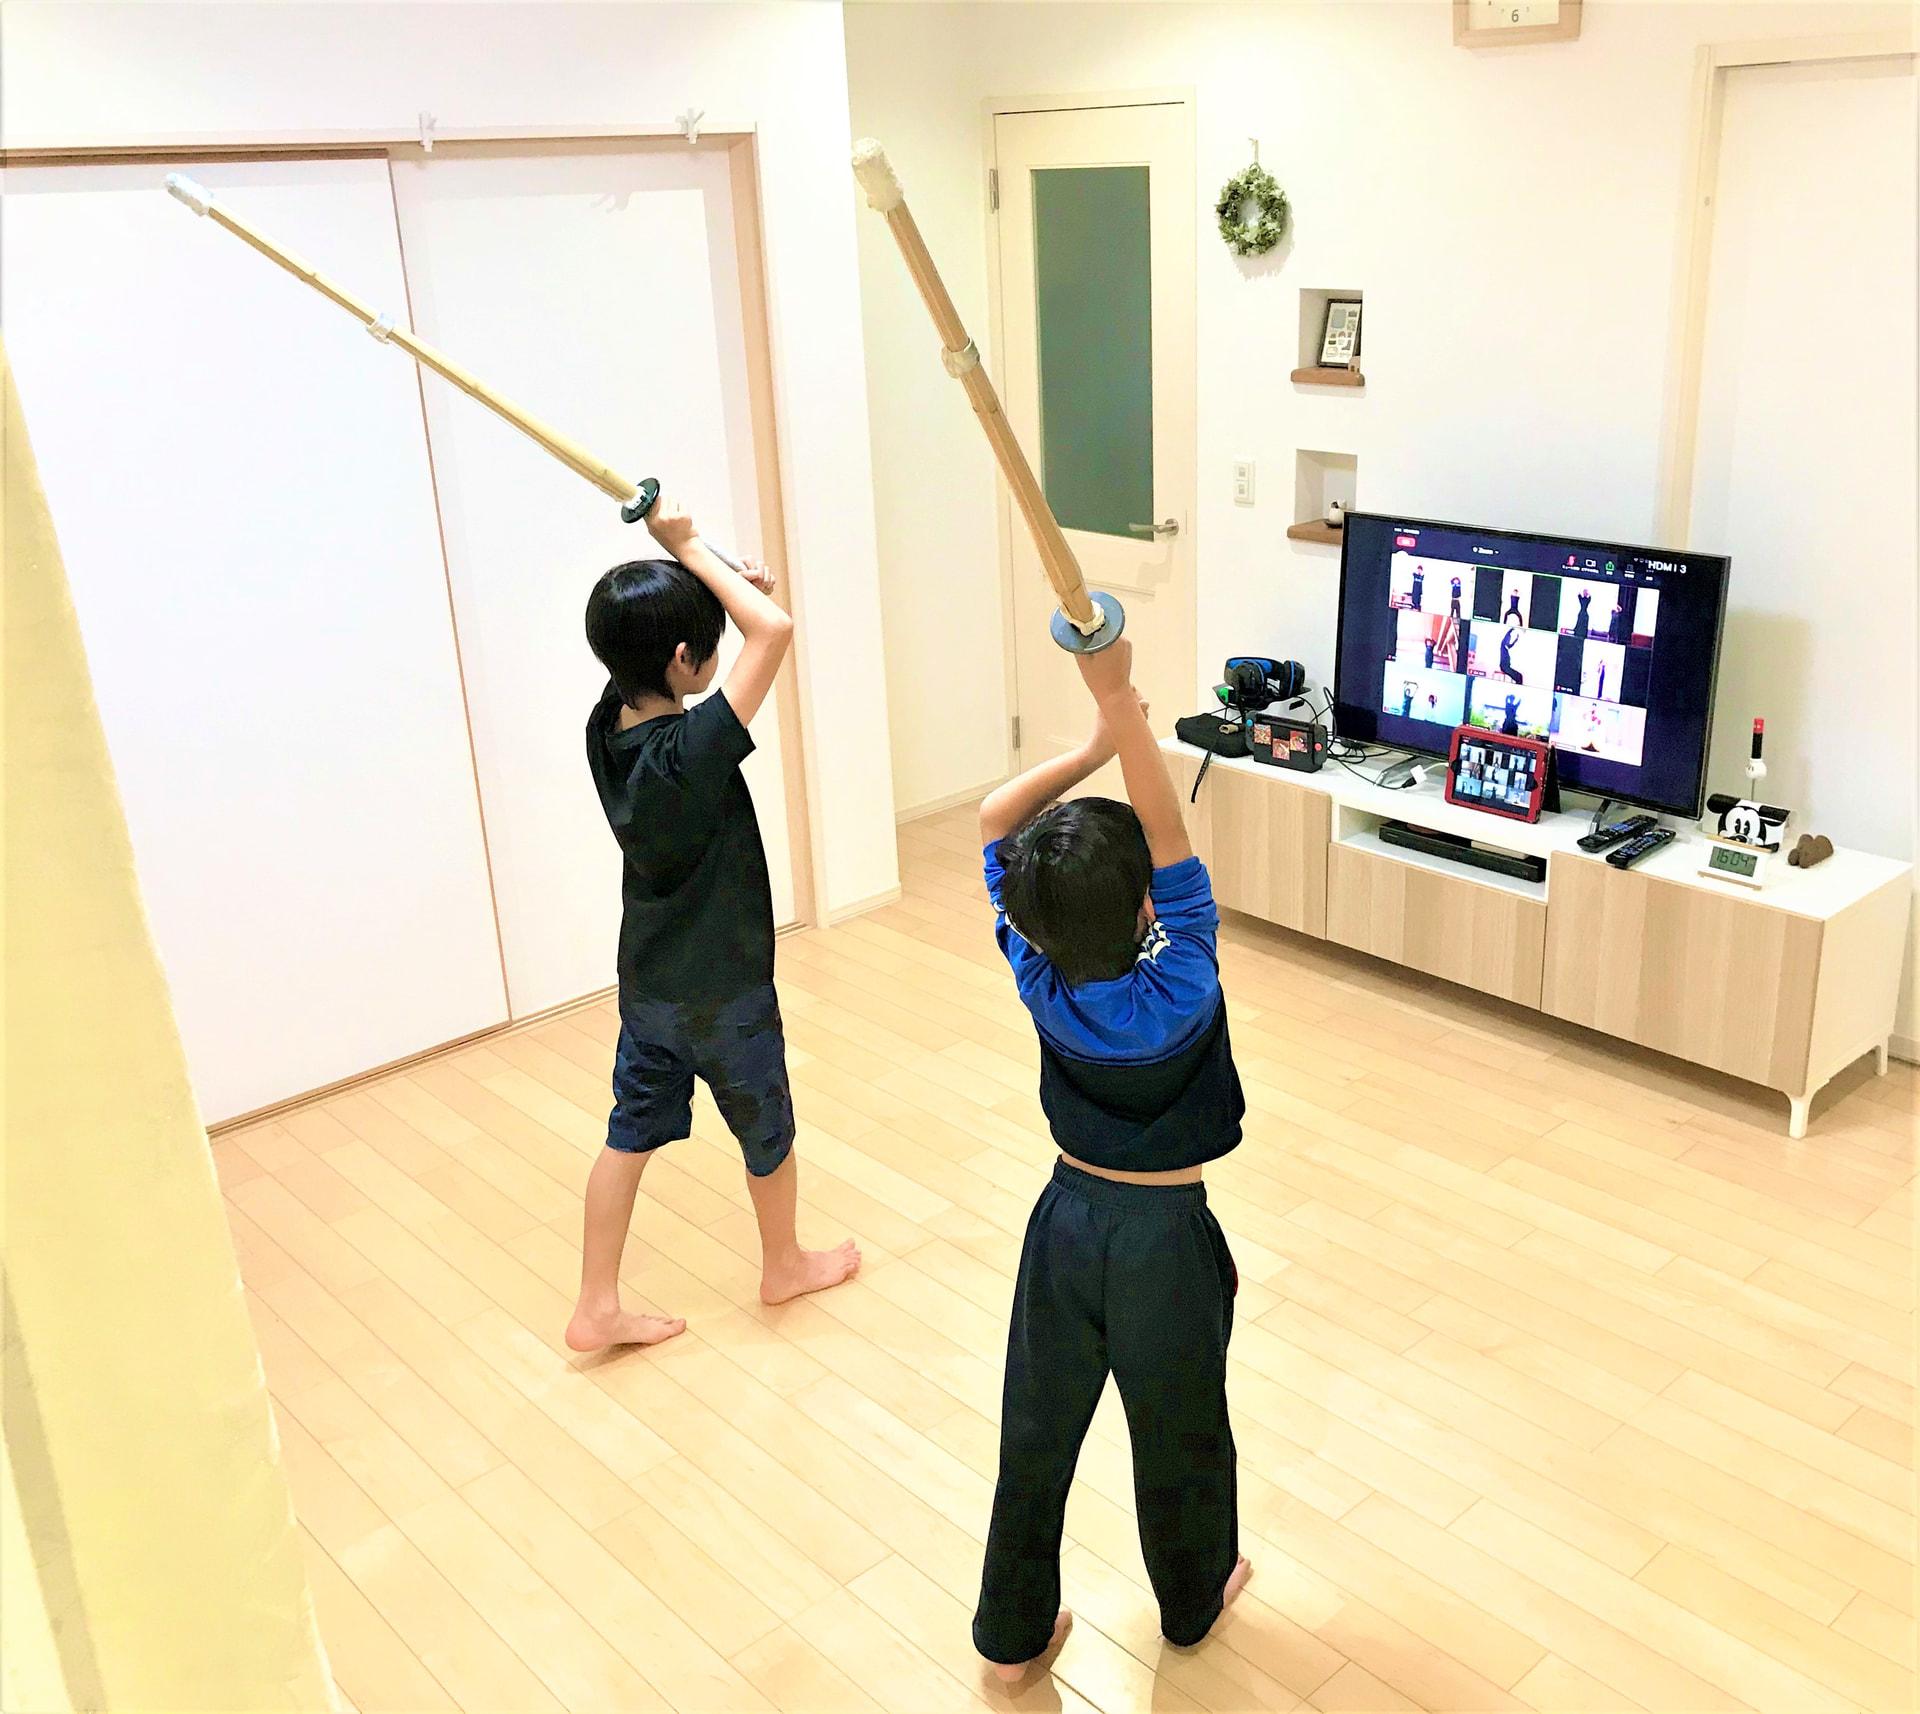 春剣ブログ「第3回オンライン稽古を開催しました」 | 春日台剣友会